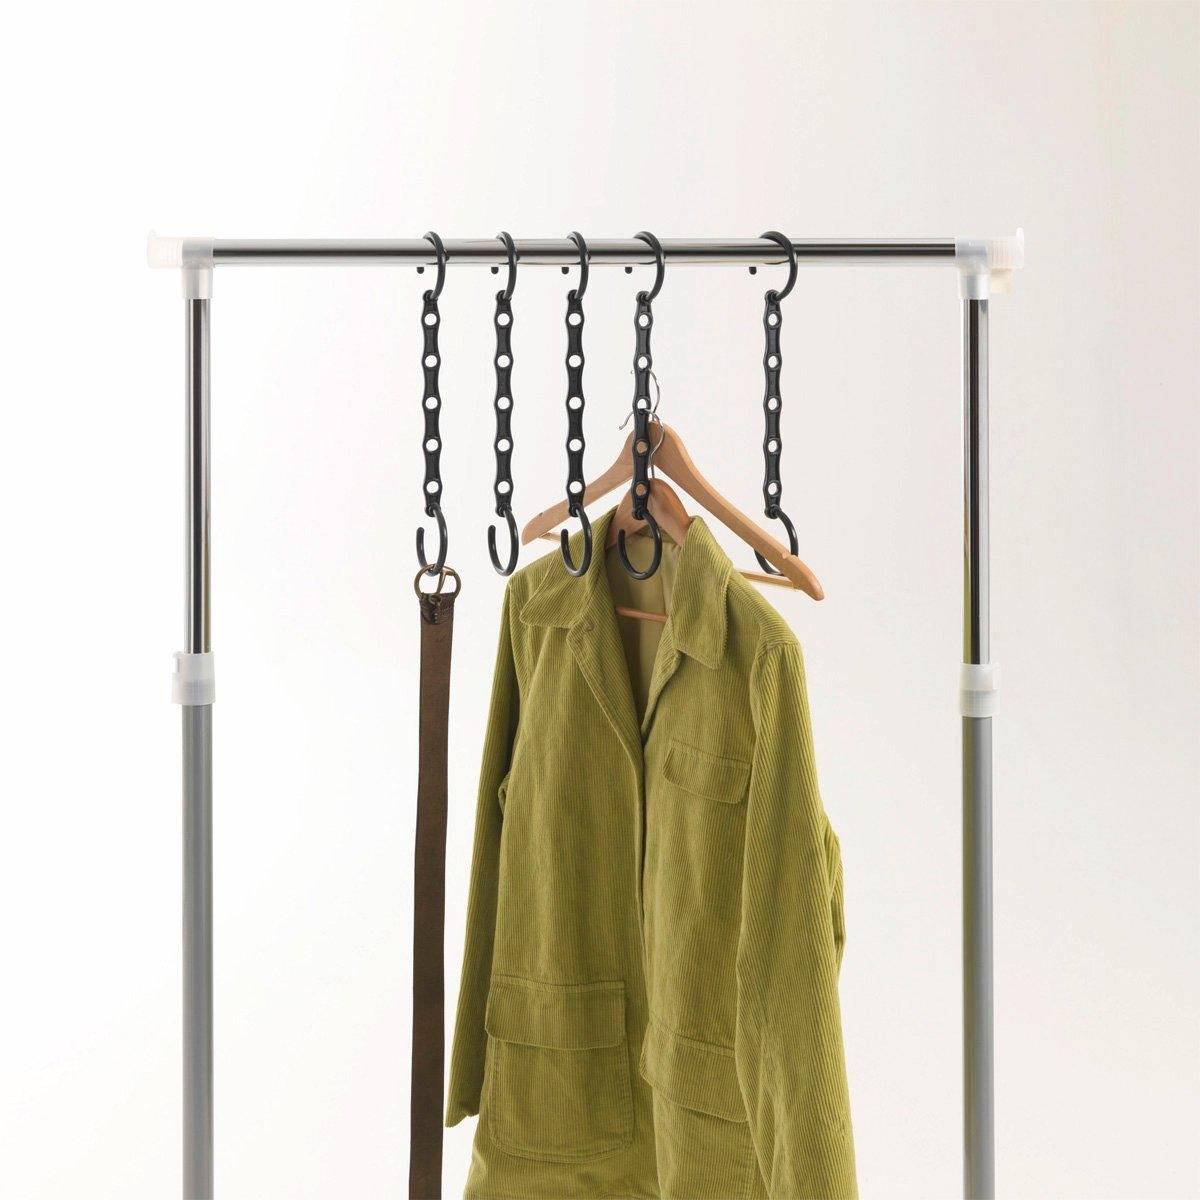 5 крючков для вешалокСэкономьте до 40% полезного пространства в шкафу! Из пластика. На каждый крючок можно подвесить до 5 плечиков.<br><br>Цвет: черный